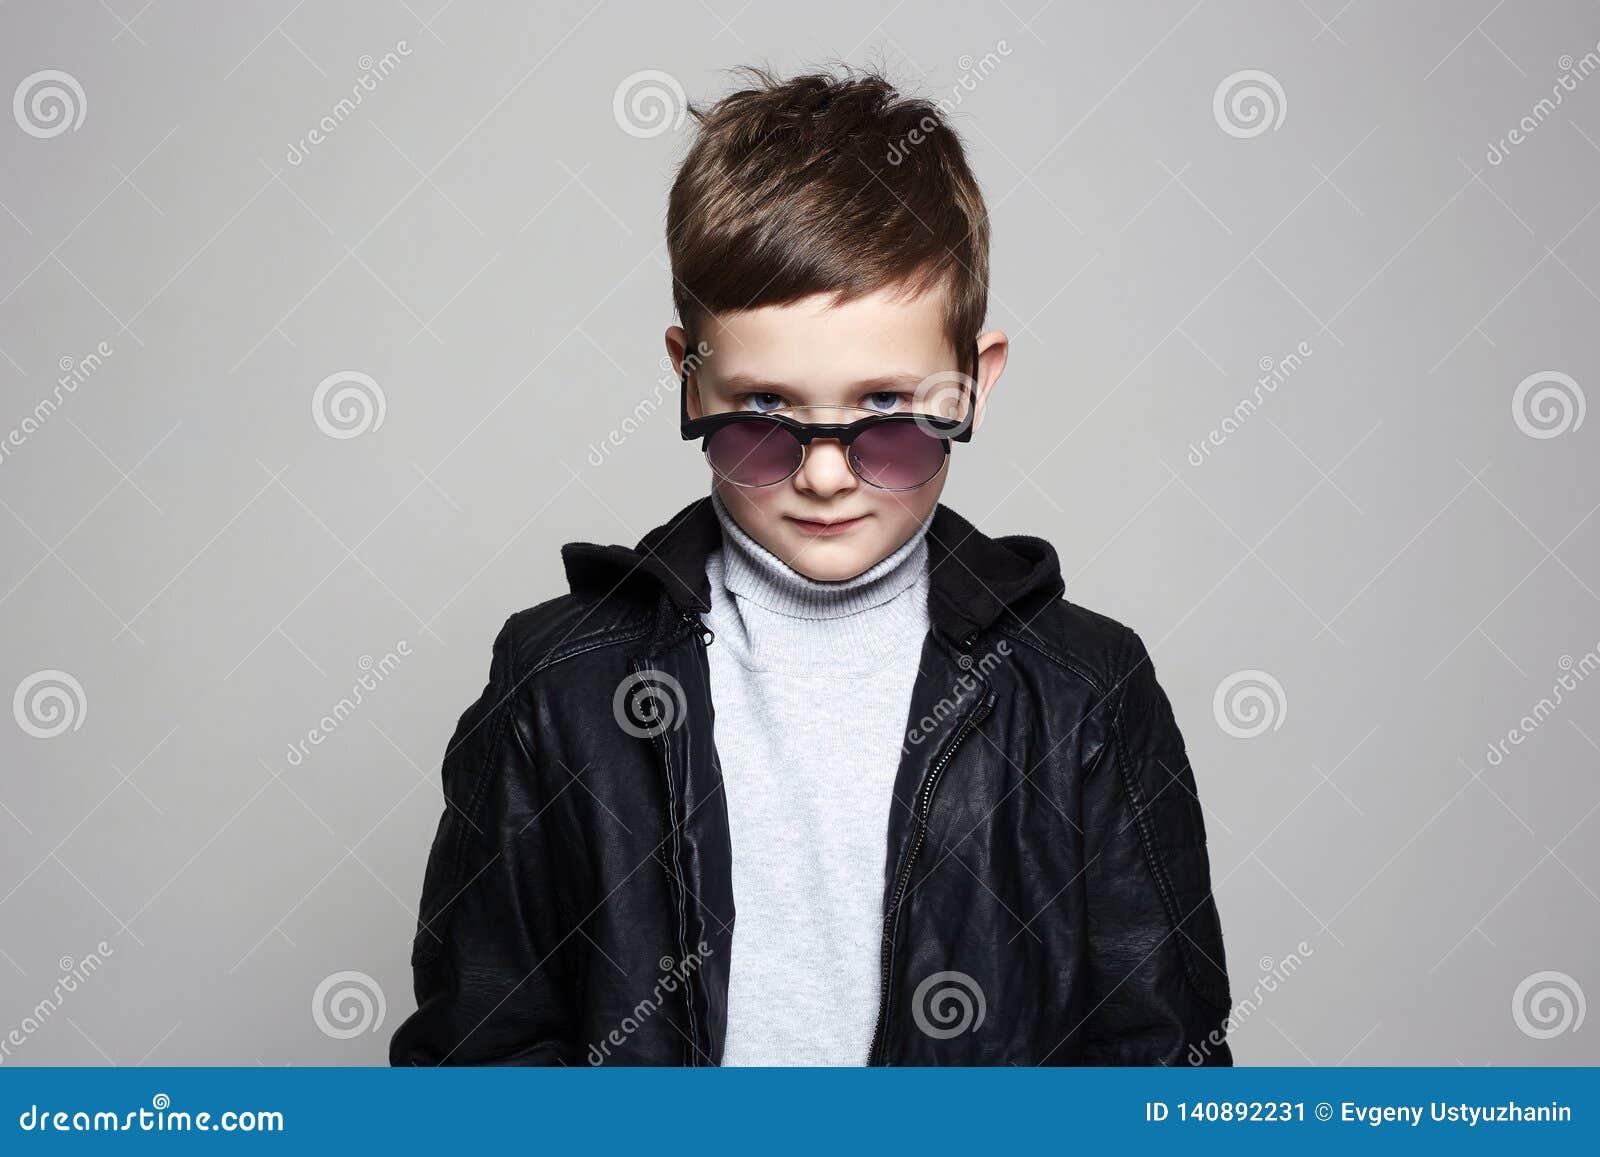 Petit garçon dans des lunettes de soleil enfant élégant en cuir